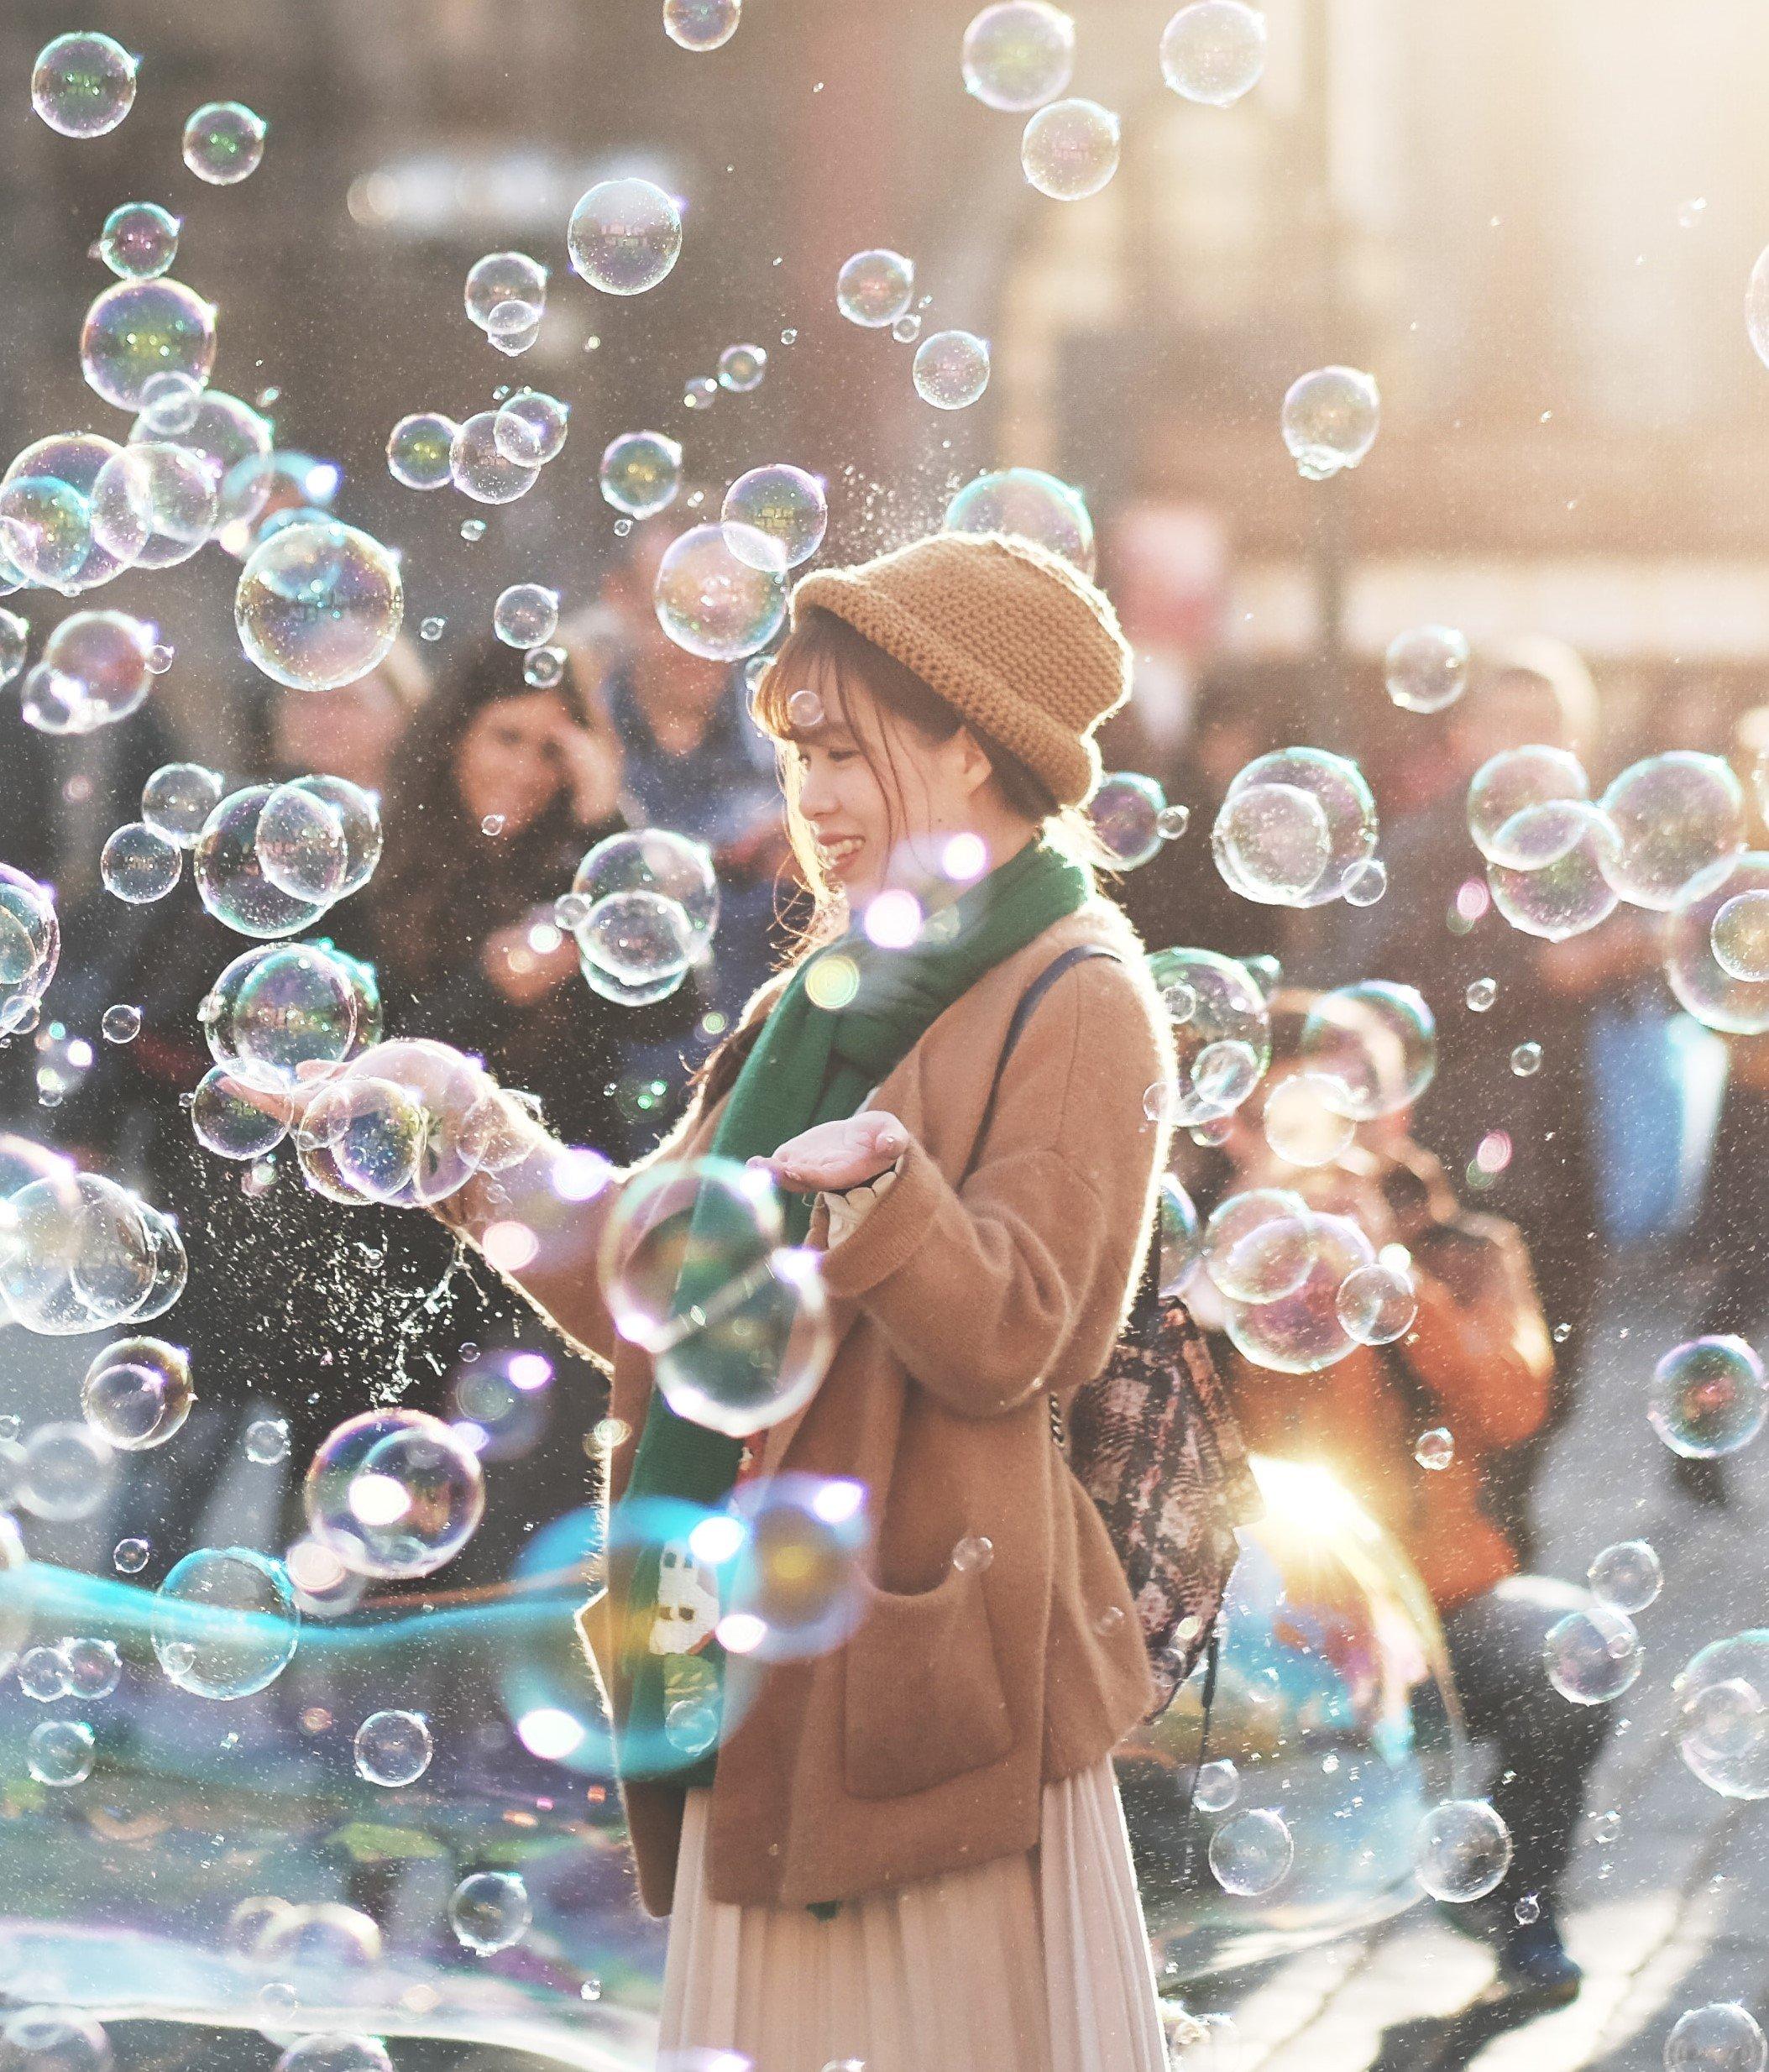 Mulher no meio da rua com bolhas de sabão e pessoas ao seu redor